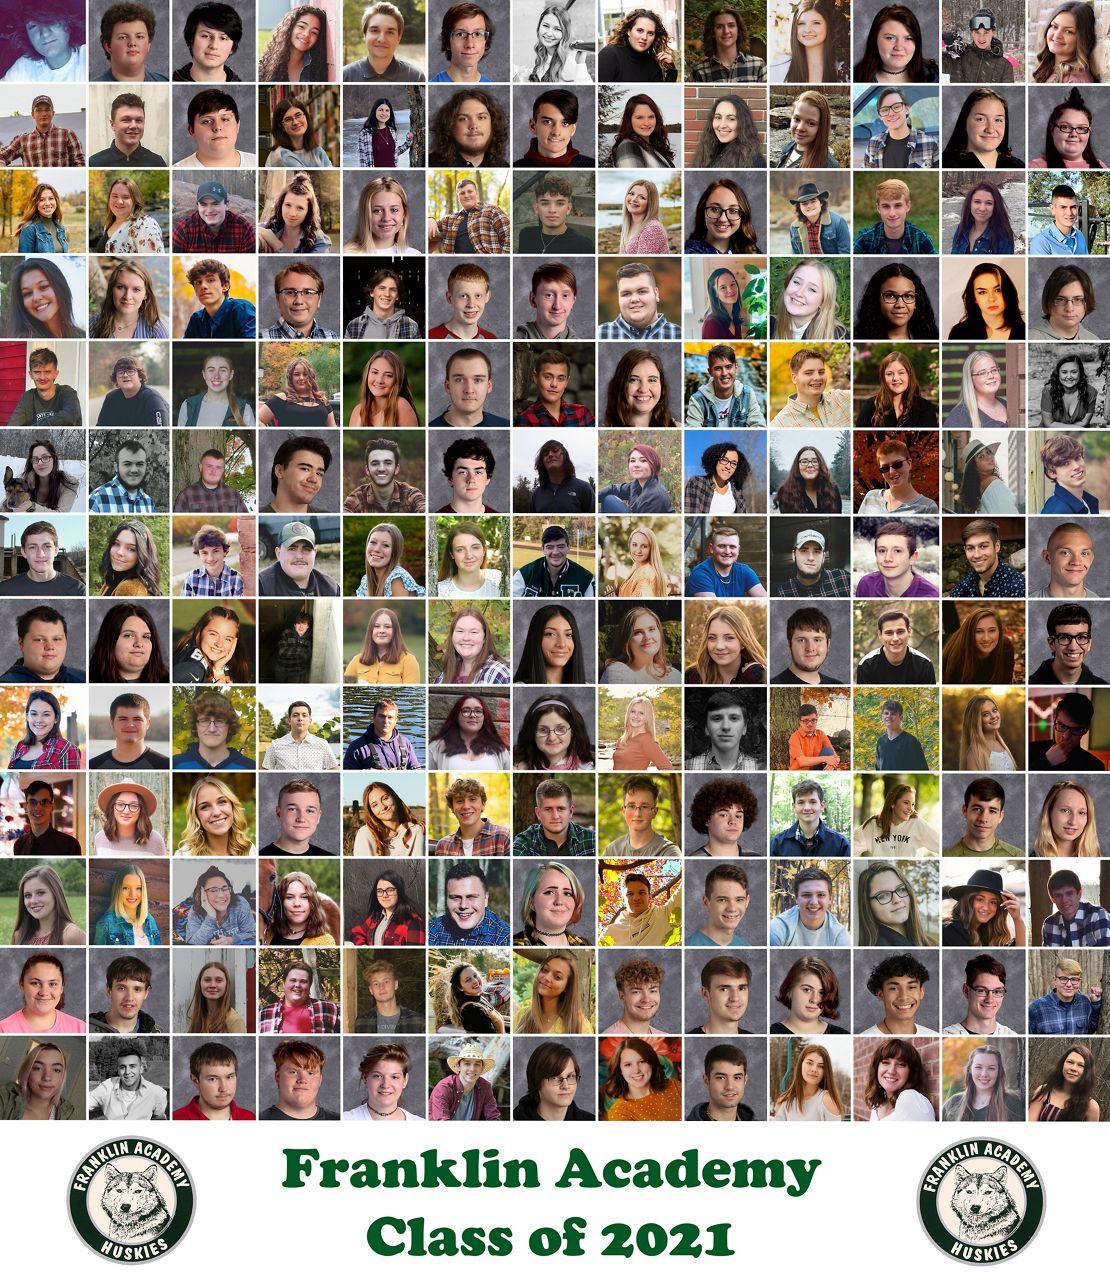 Class of 2021 CNY Franklin Academy